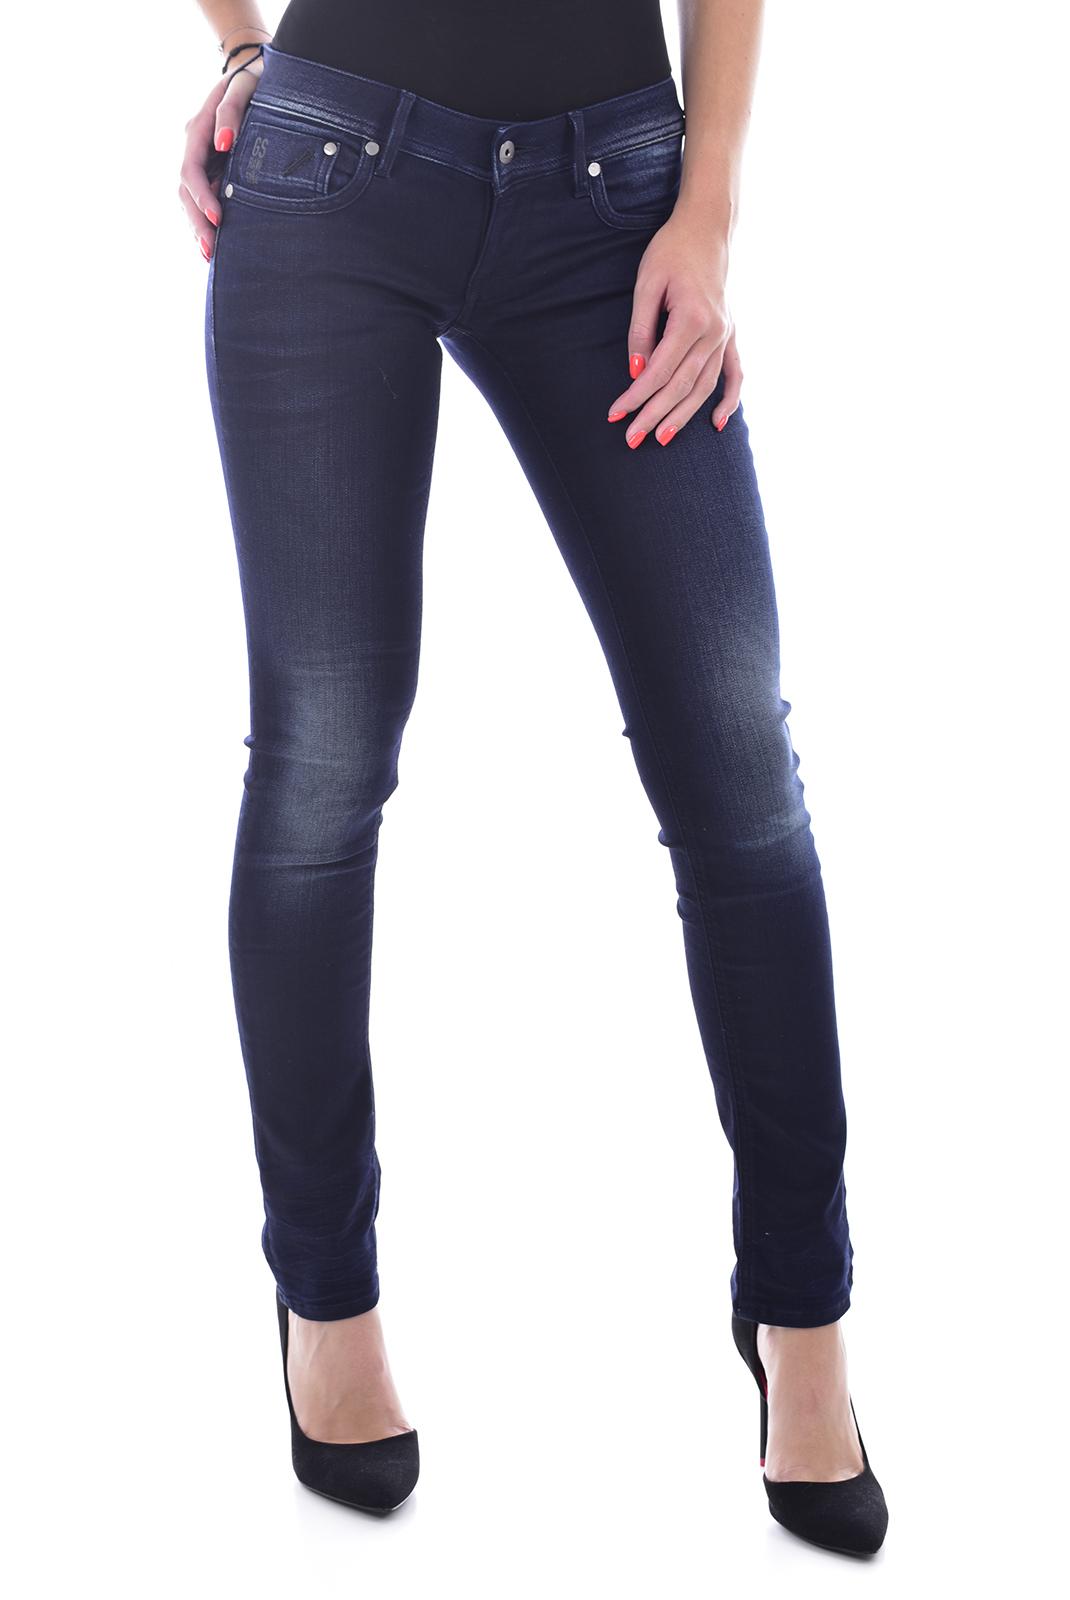 Jeans   G-star 60583.6133.89 BLEU